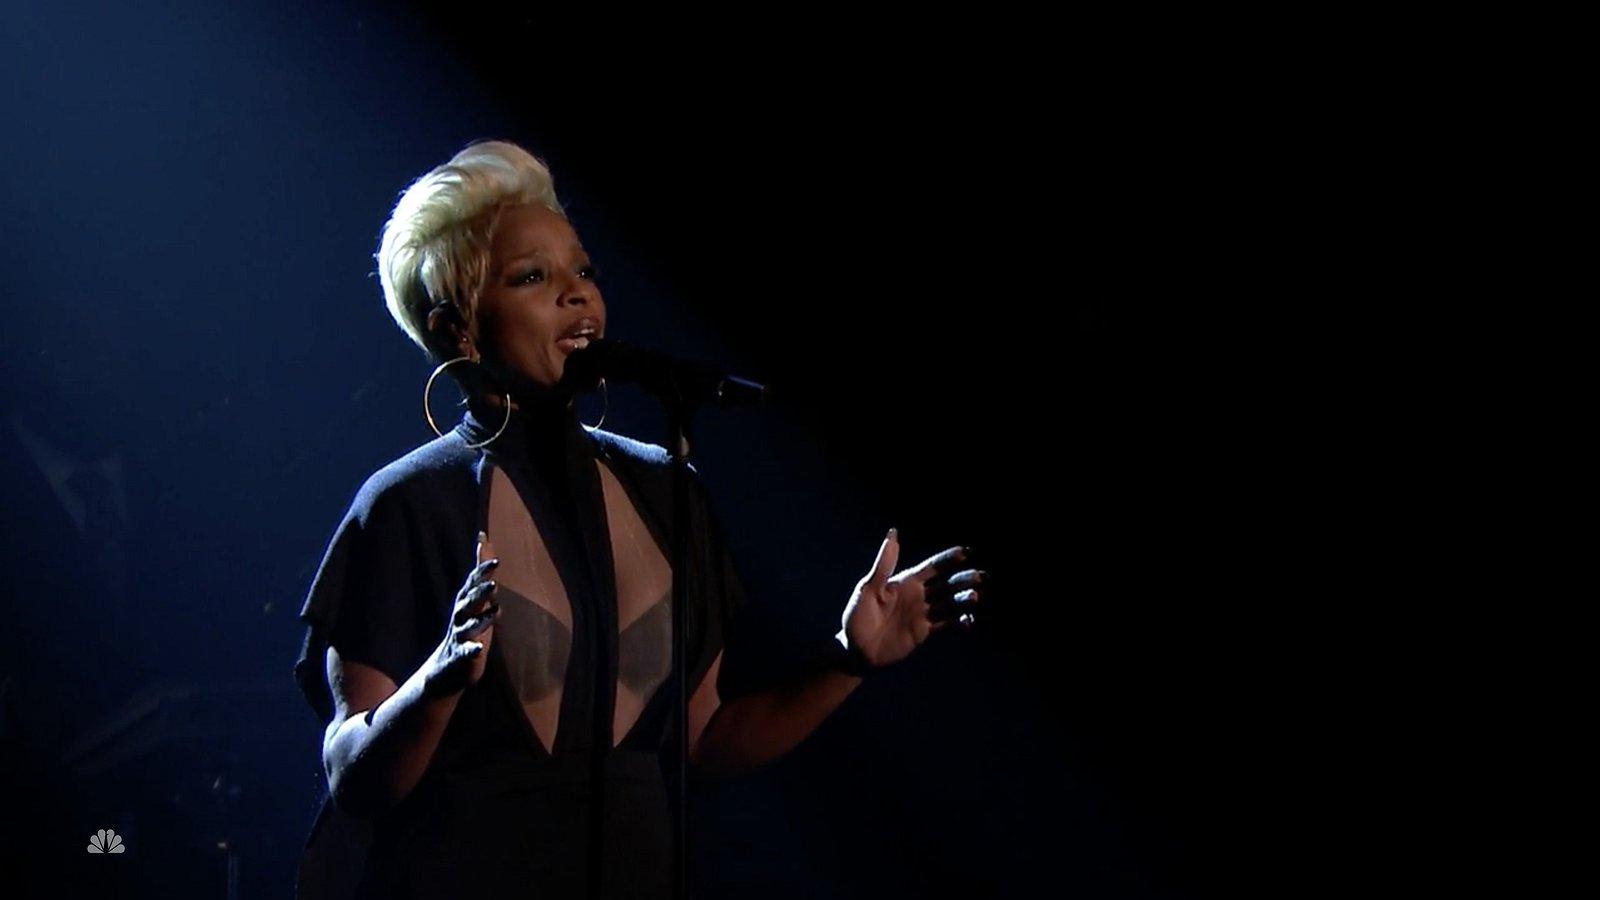 Muziek op maandag: Depeche Mode doet David Bowies Heroes en Mary J Blige gaat helemaal los